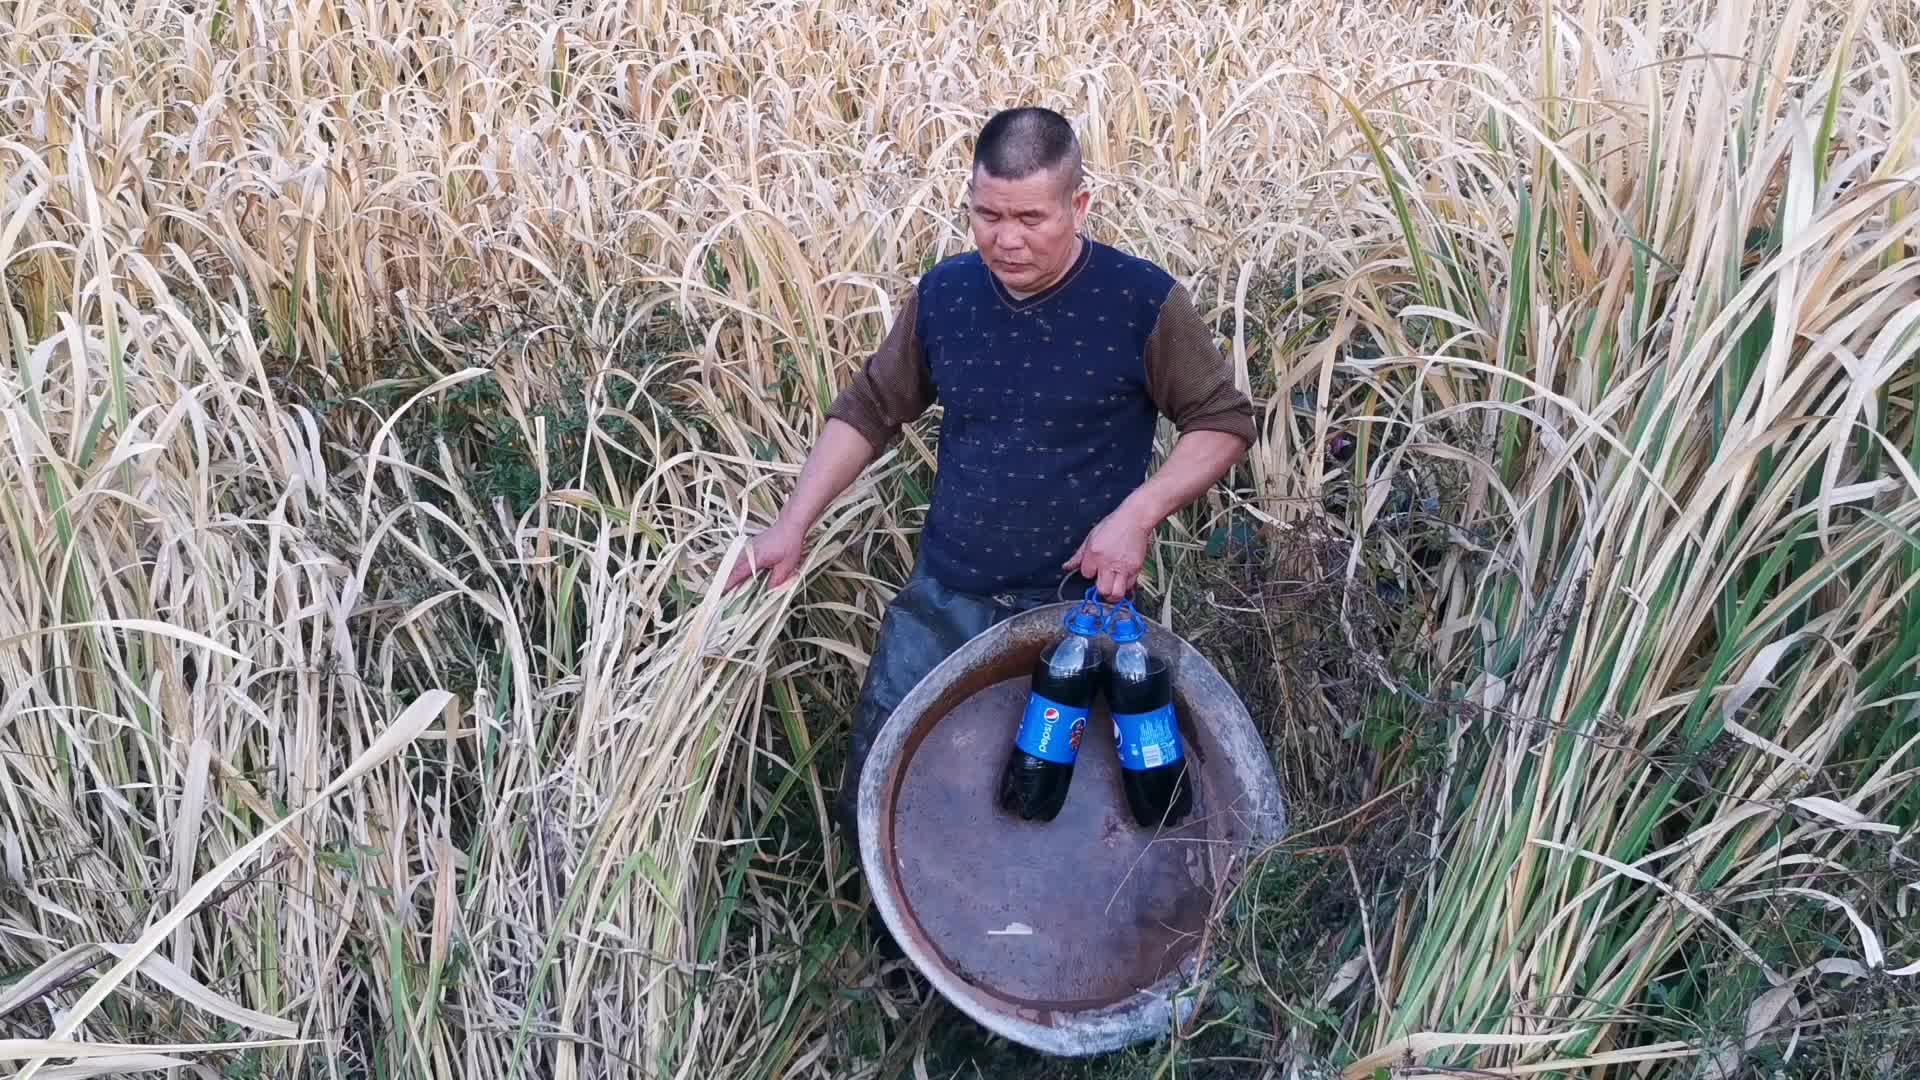 大叔去杂草丛生的鱼塘搞野, 发现一个洞把可乐灌下去, 抓6条鲶鱼